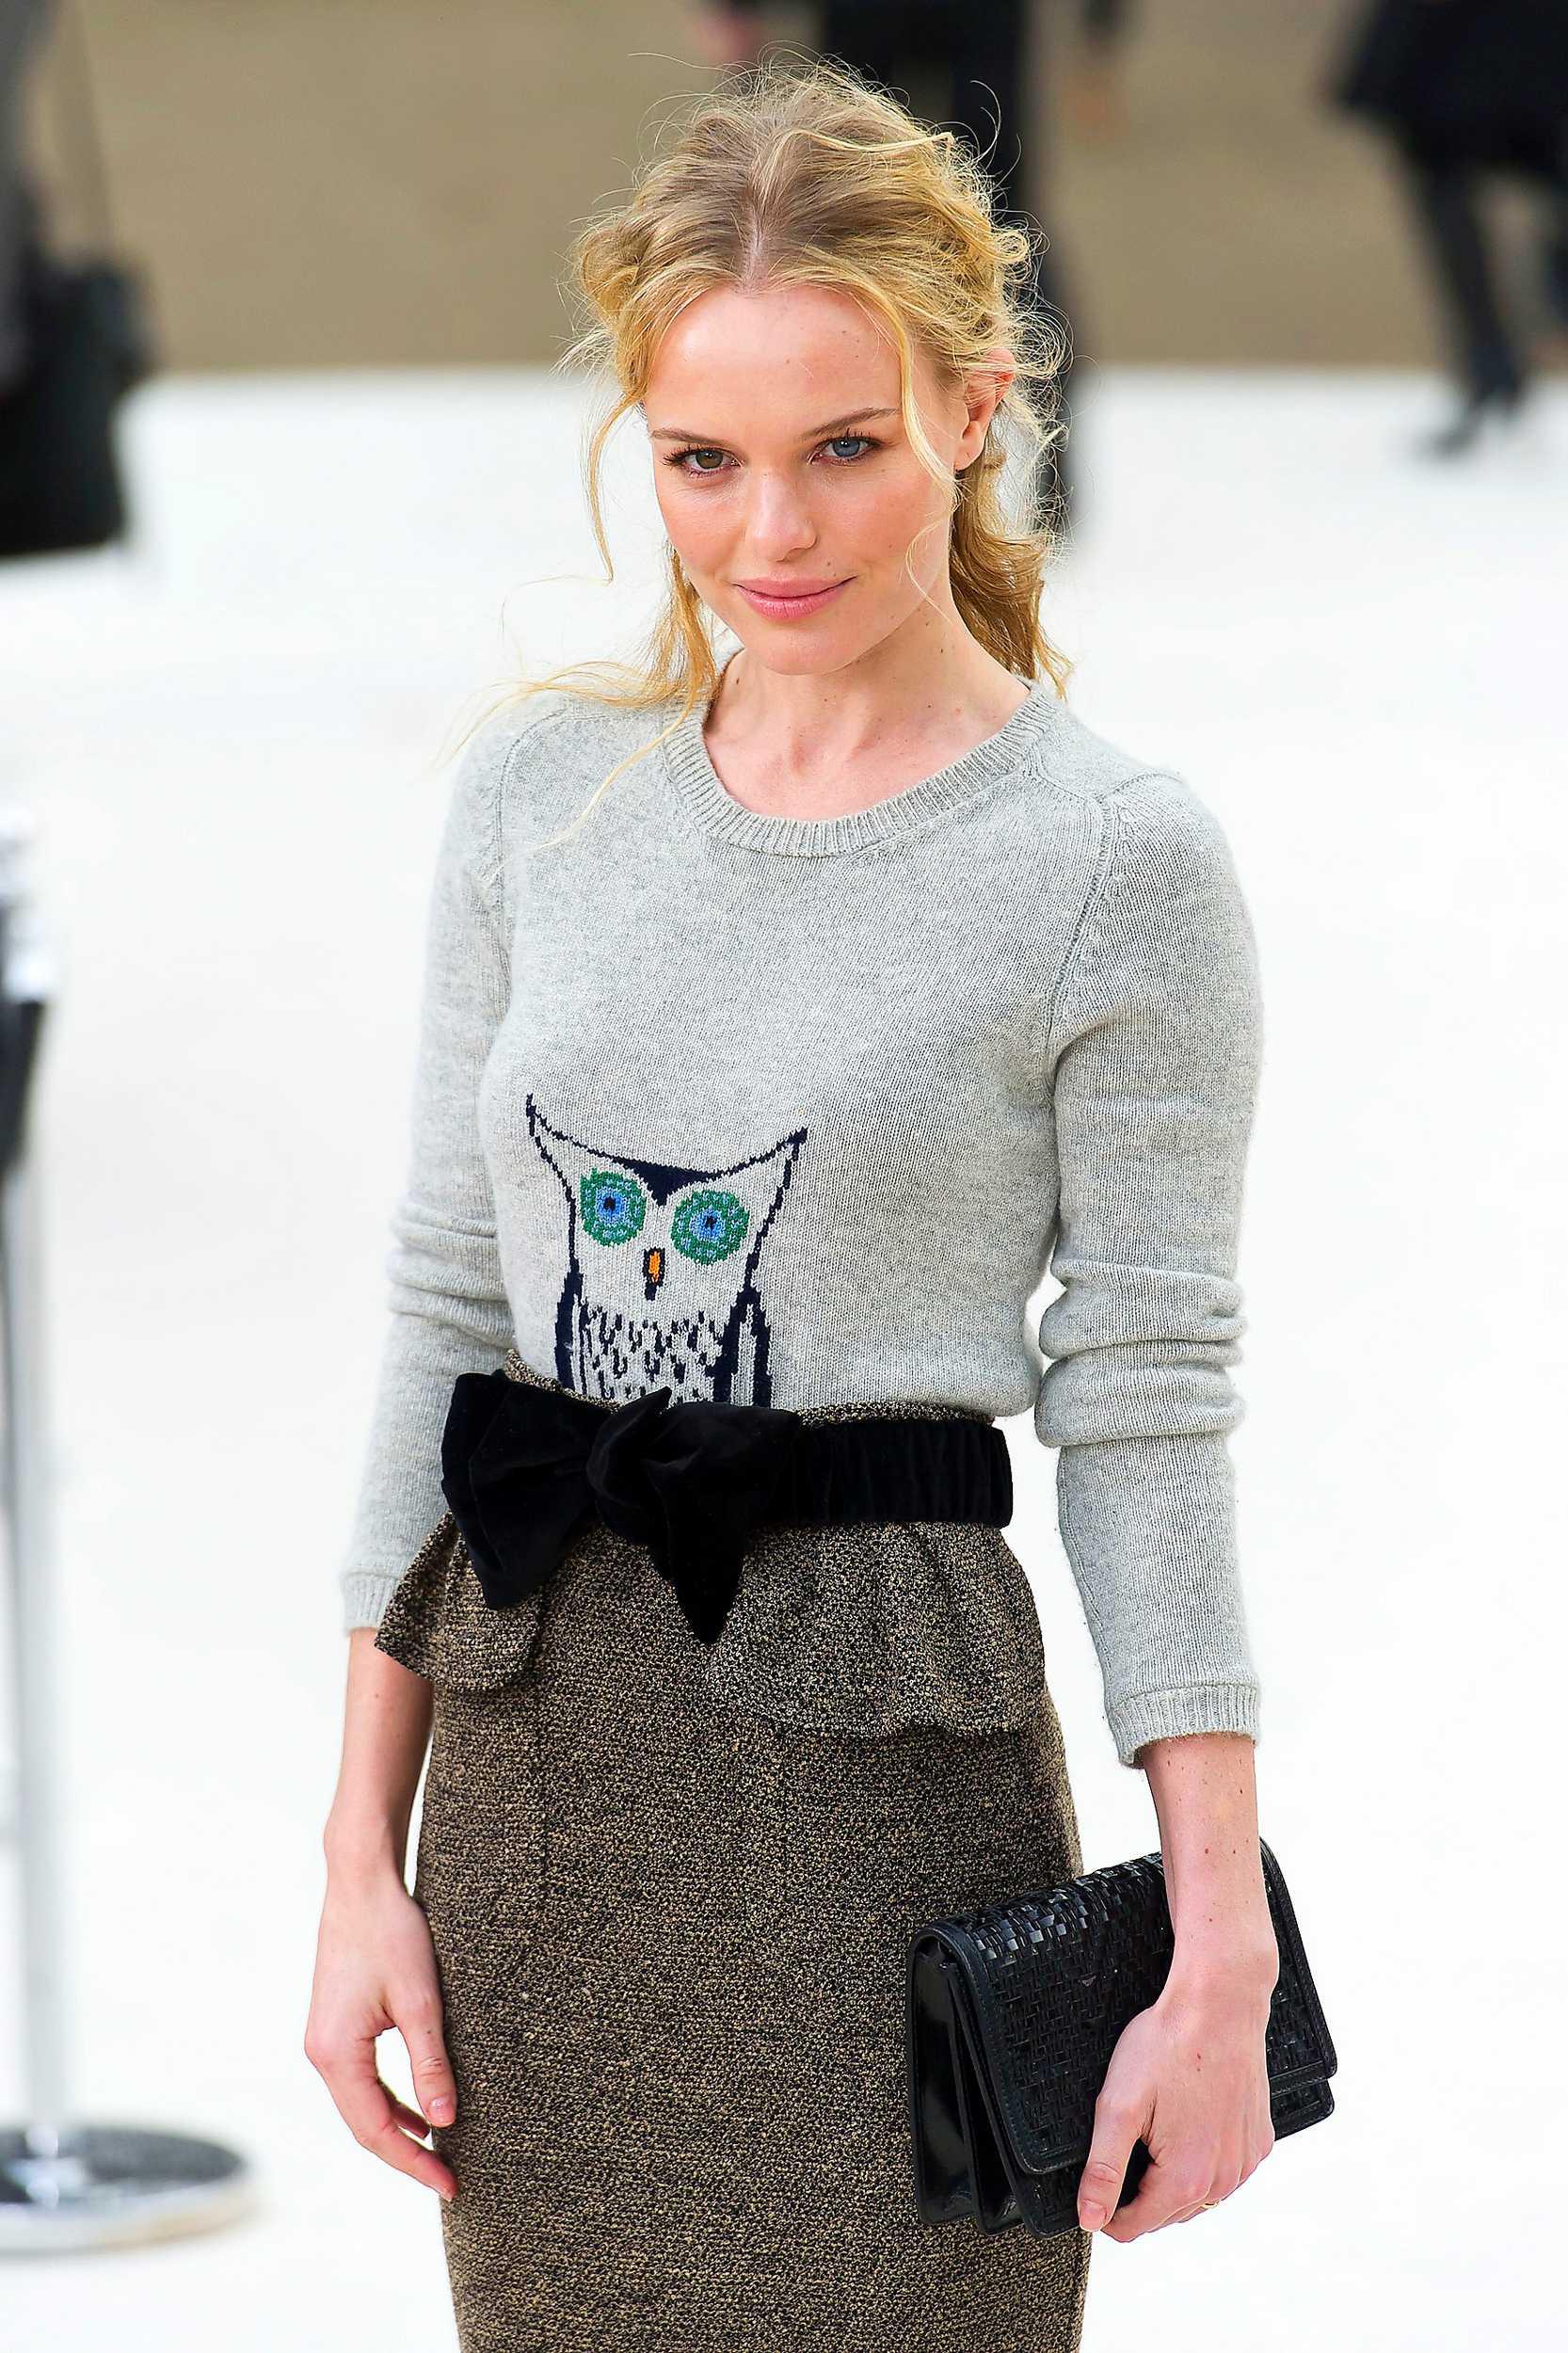 Om du har tunt hår som Kate Bosworth kan du locka håret det för att få in mer volym.